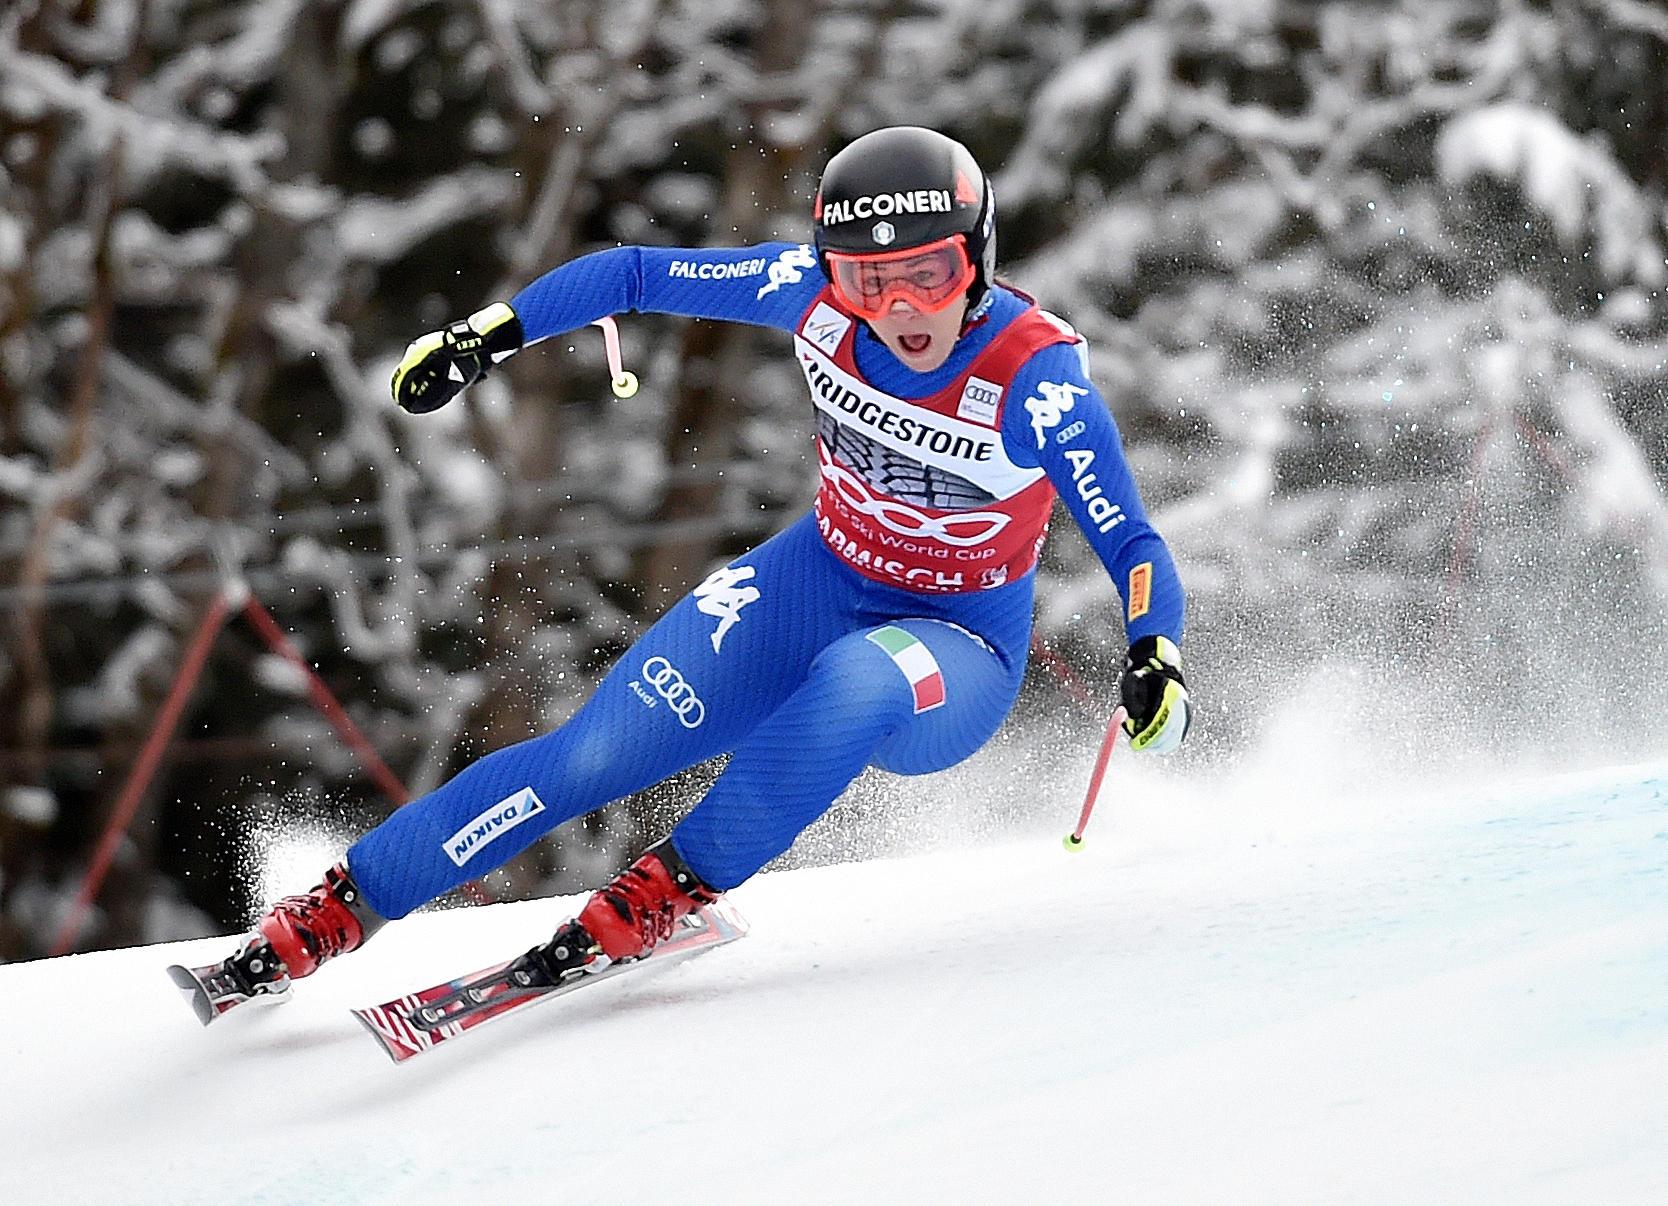 Le foto più belle della sciatrice Sofia Goggia, oro alle Olimpiadi / Image 11